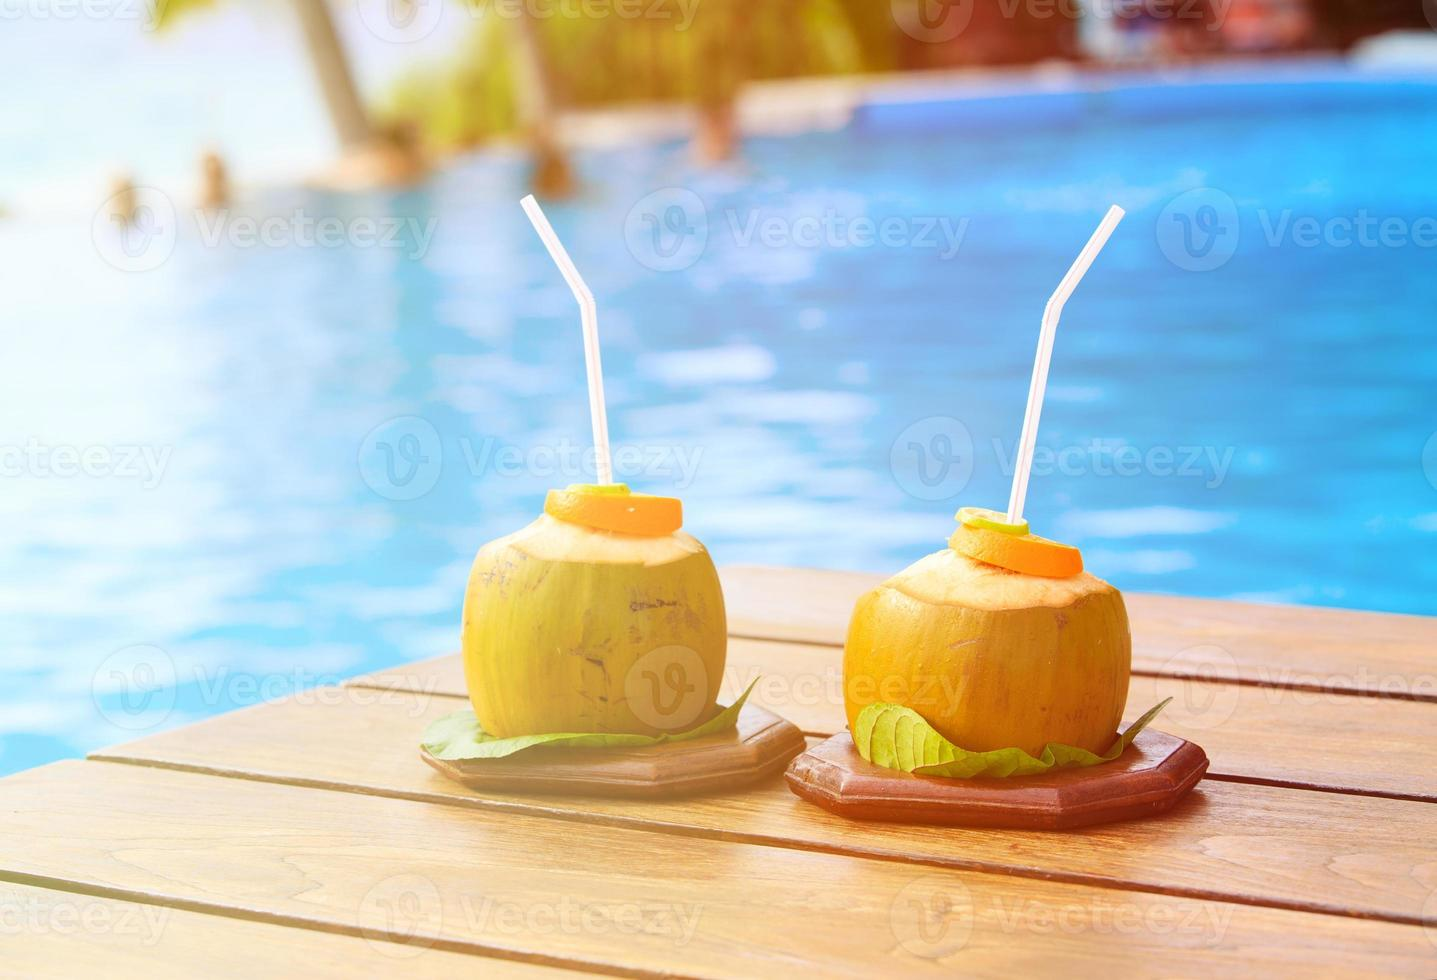 due bevande al cocco in un resort di lusso foto